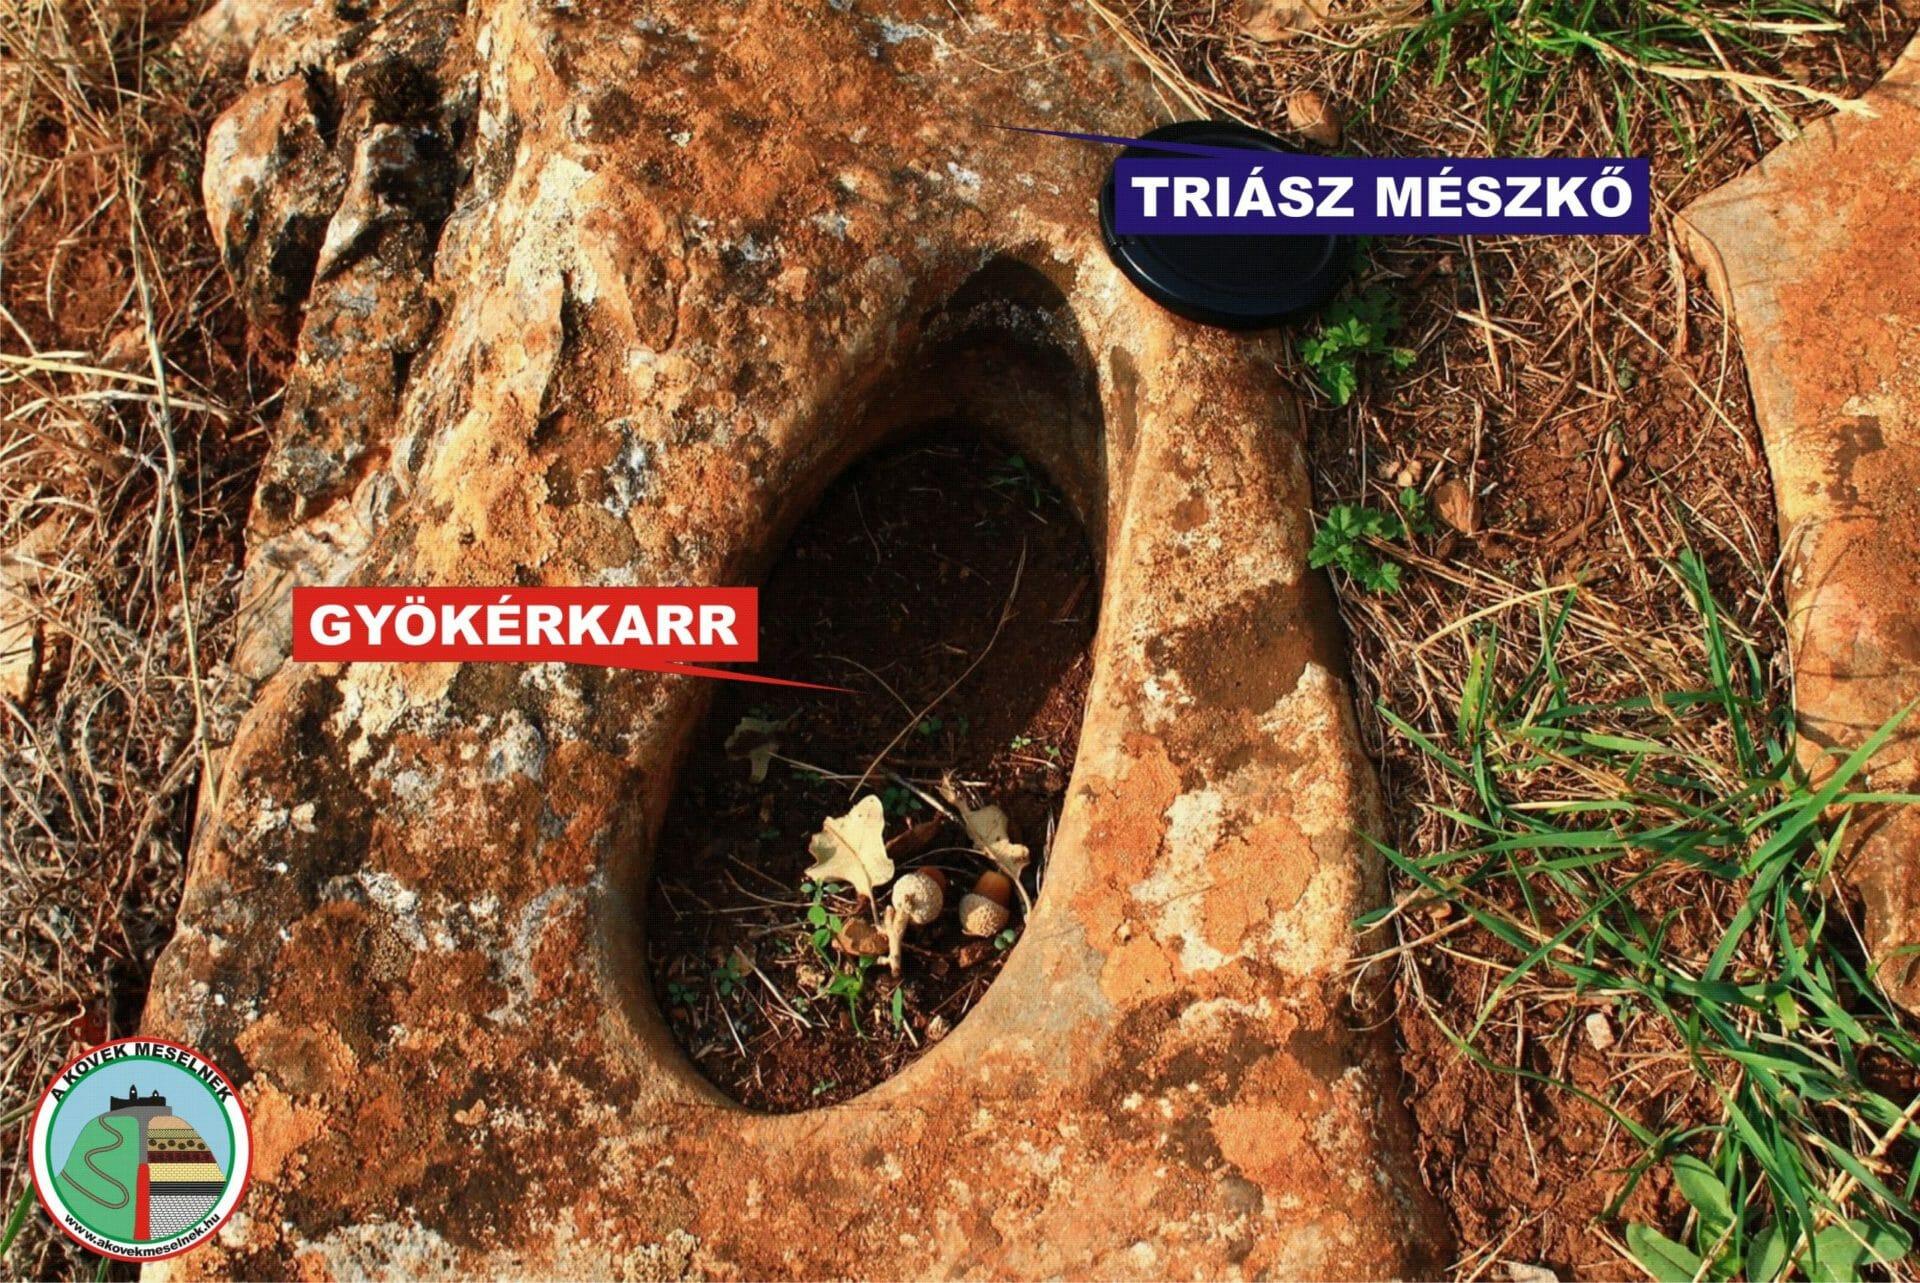 Gyökérkarr (hidroszféra)